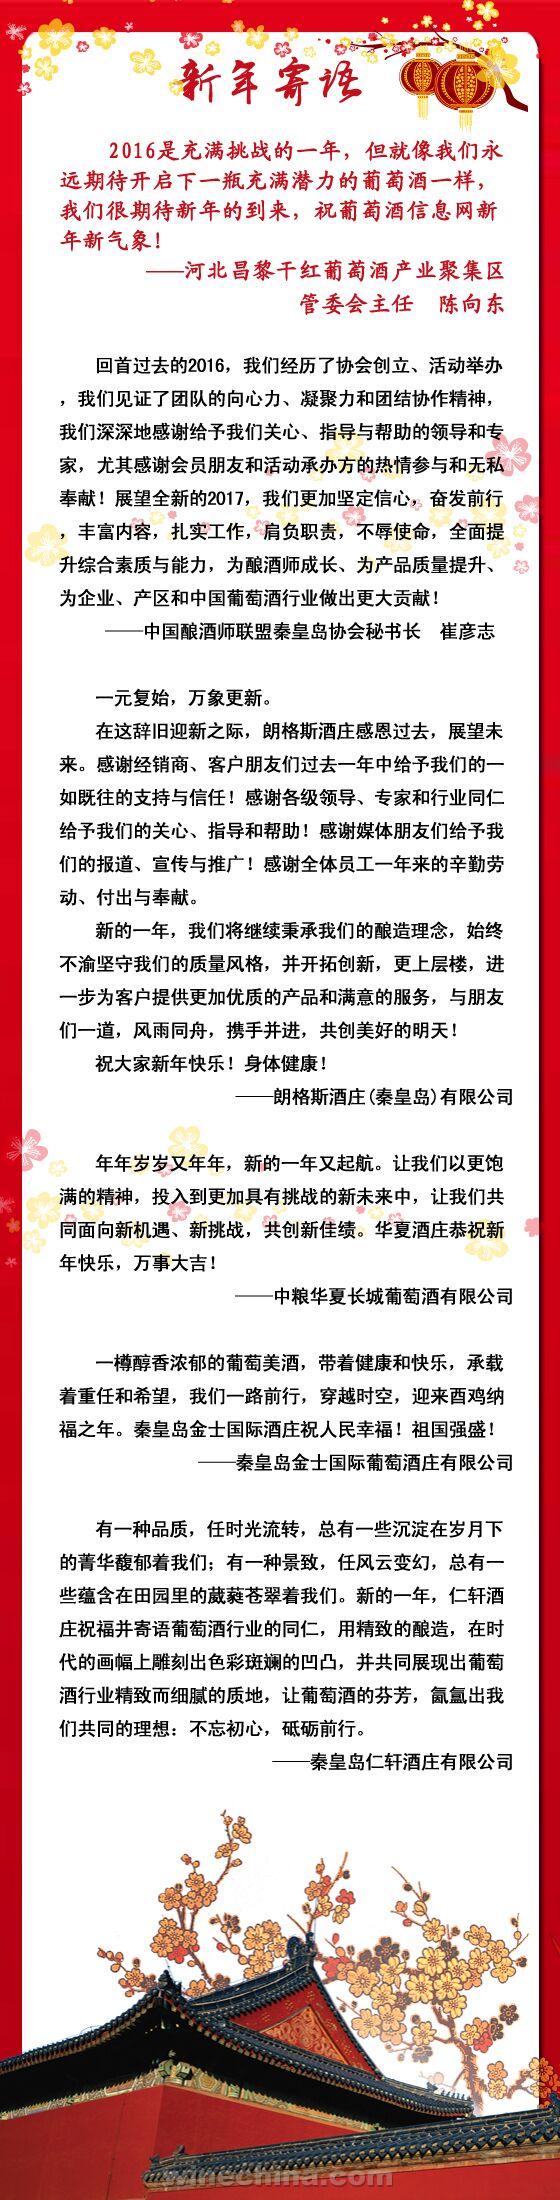 中国葡萄酒行业新年寄语(七)